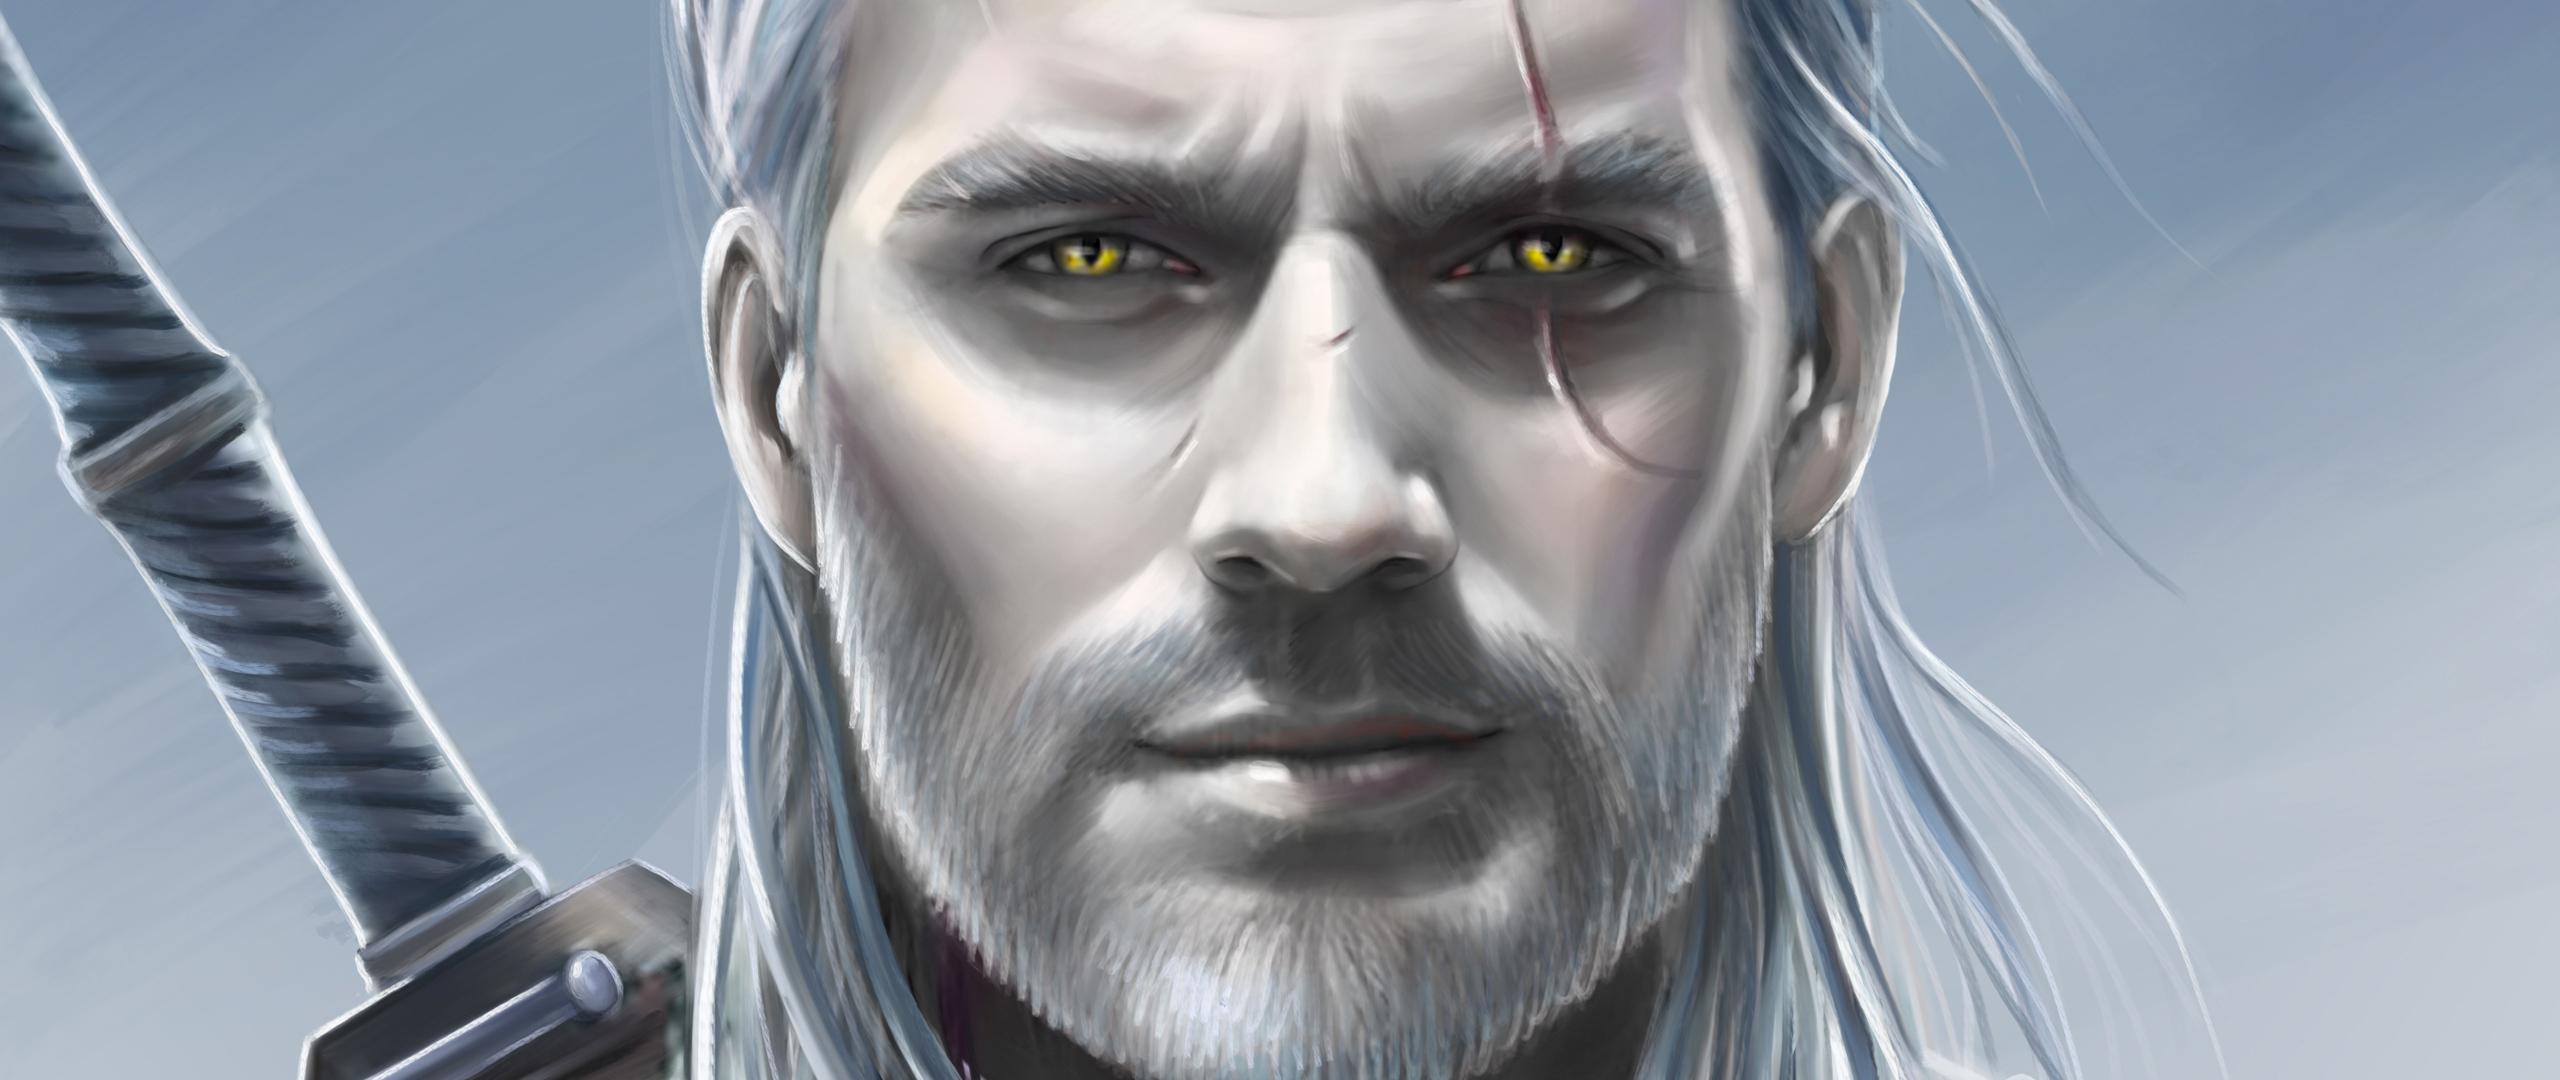 2560x1080 Henry Cavill As Geralt The Witcher 2560x1080